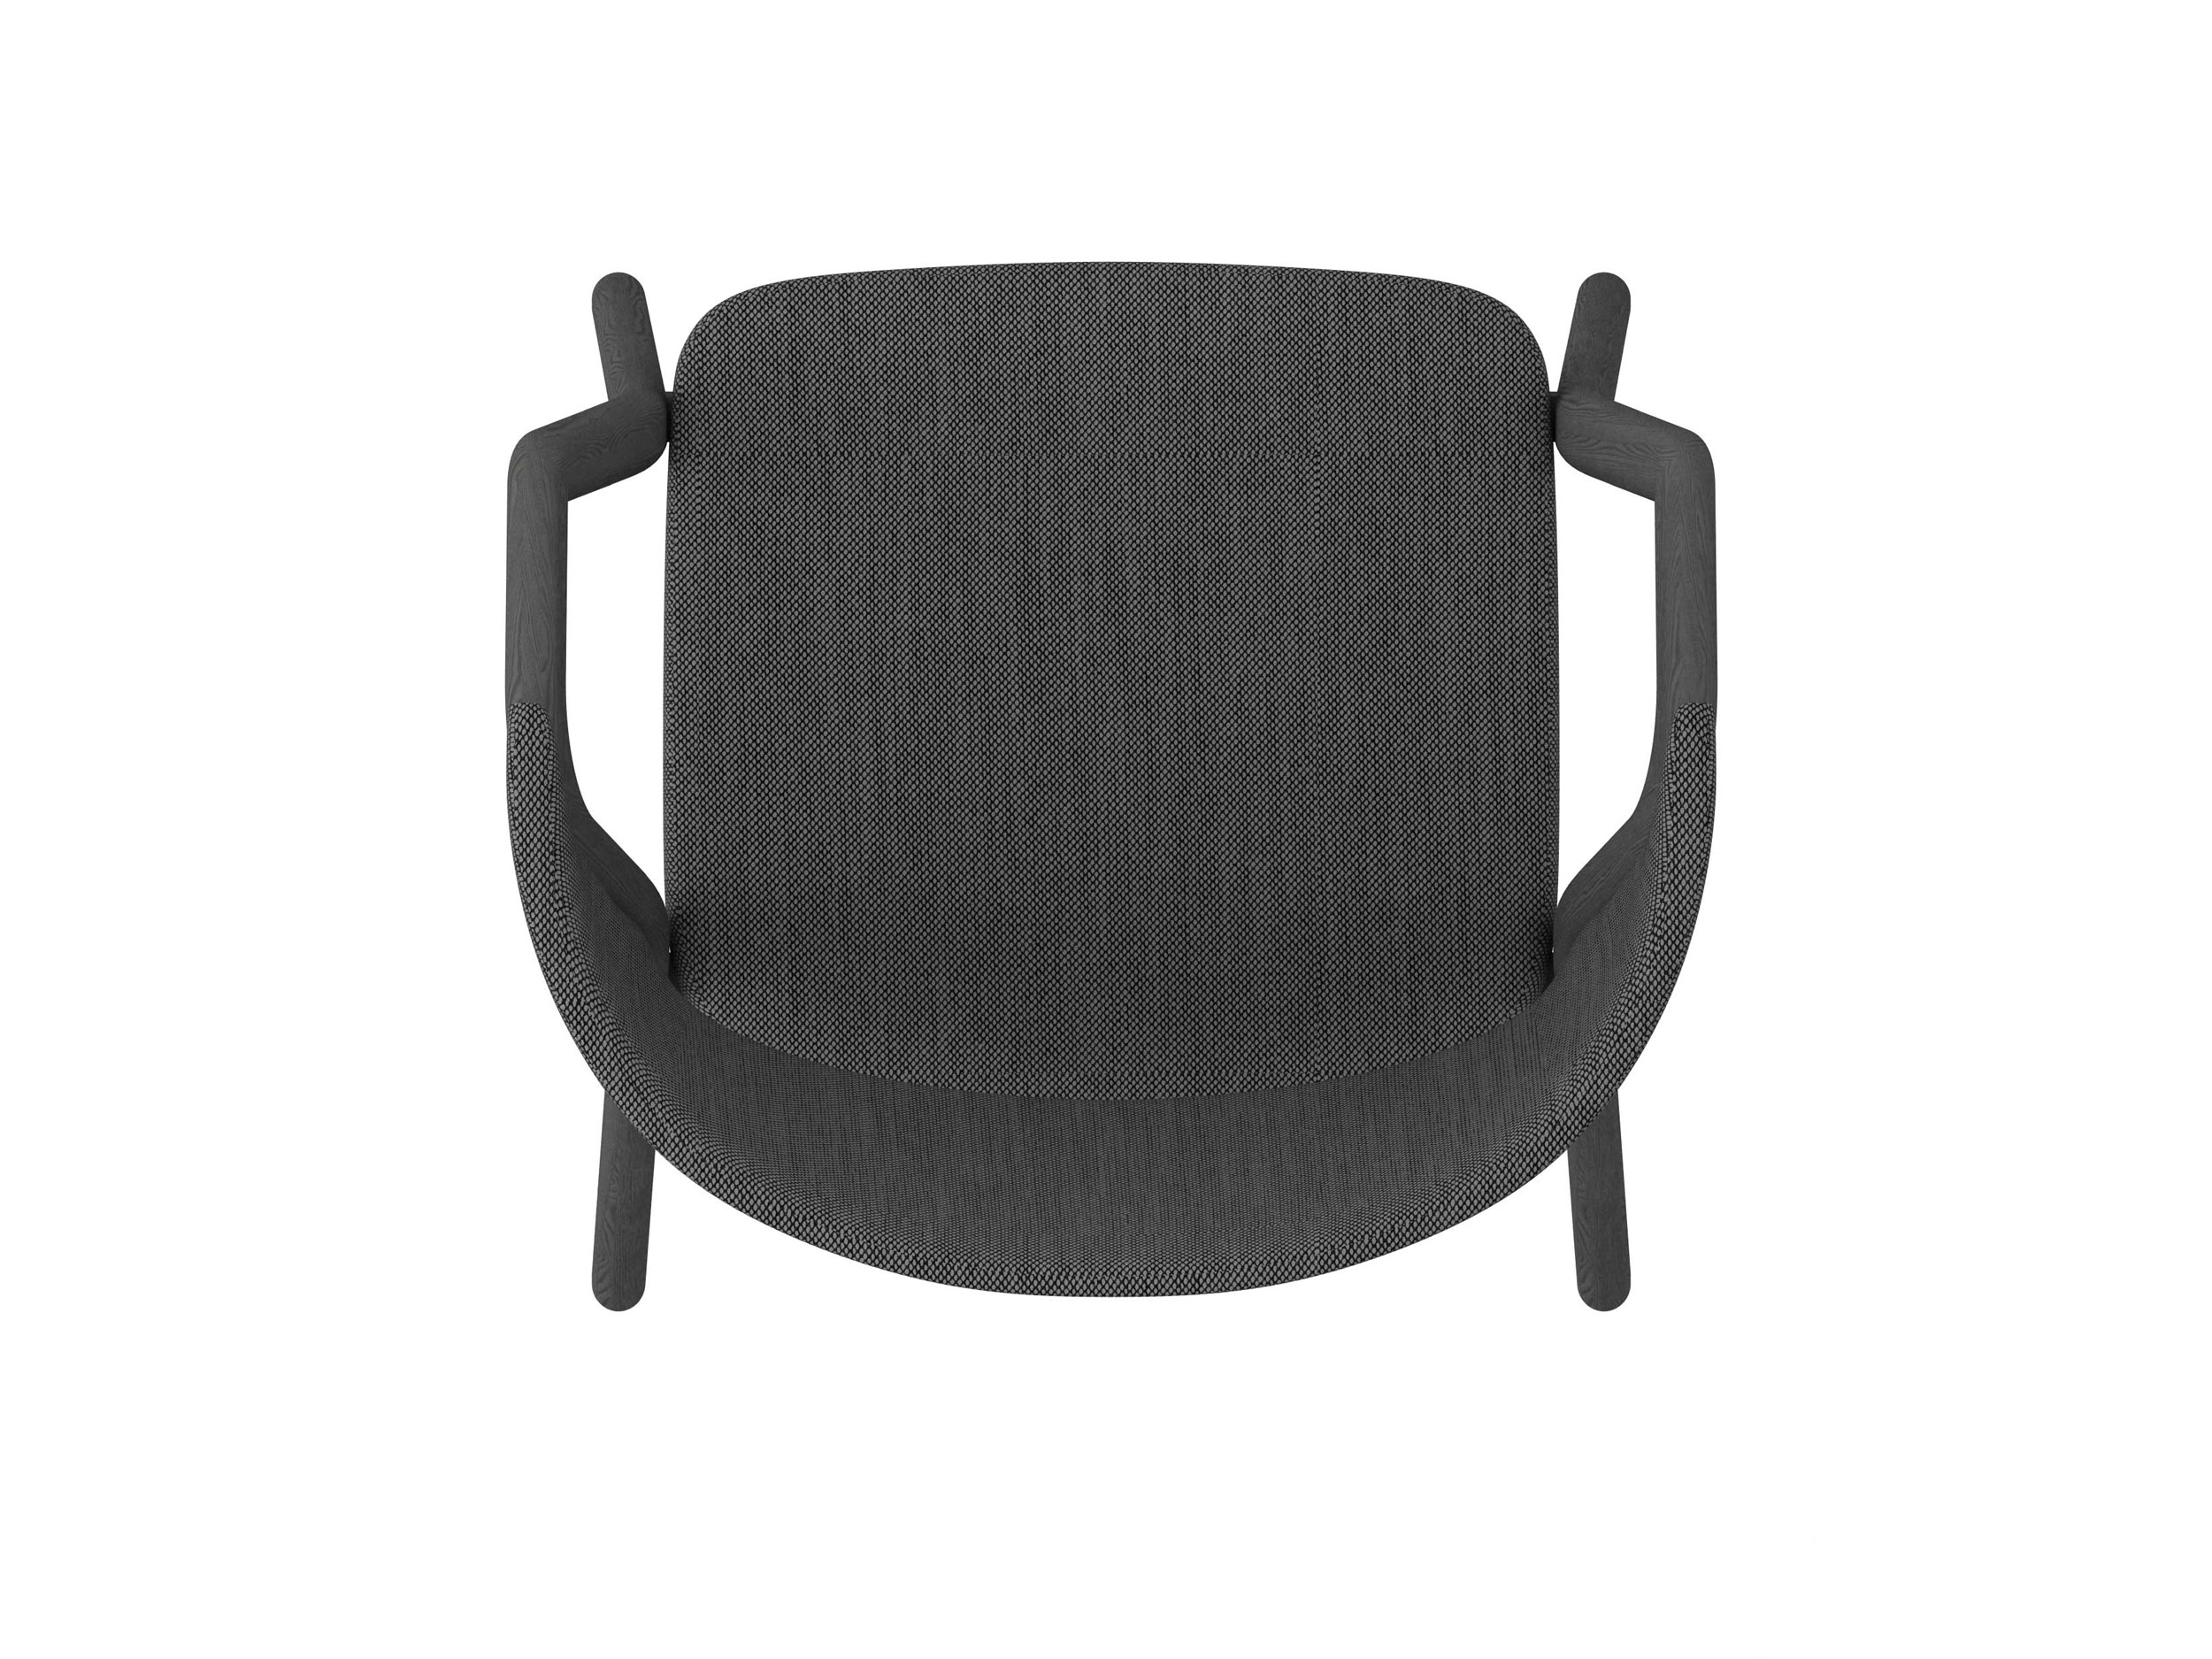 VERY_WOOD_CAMDEN_armchair_render_013_0000_web.jpg